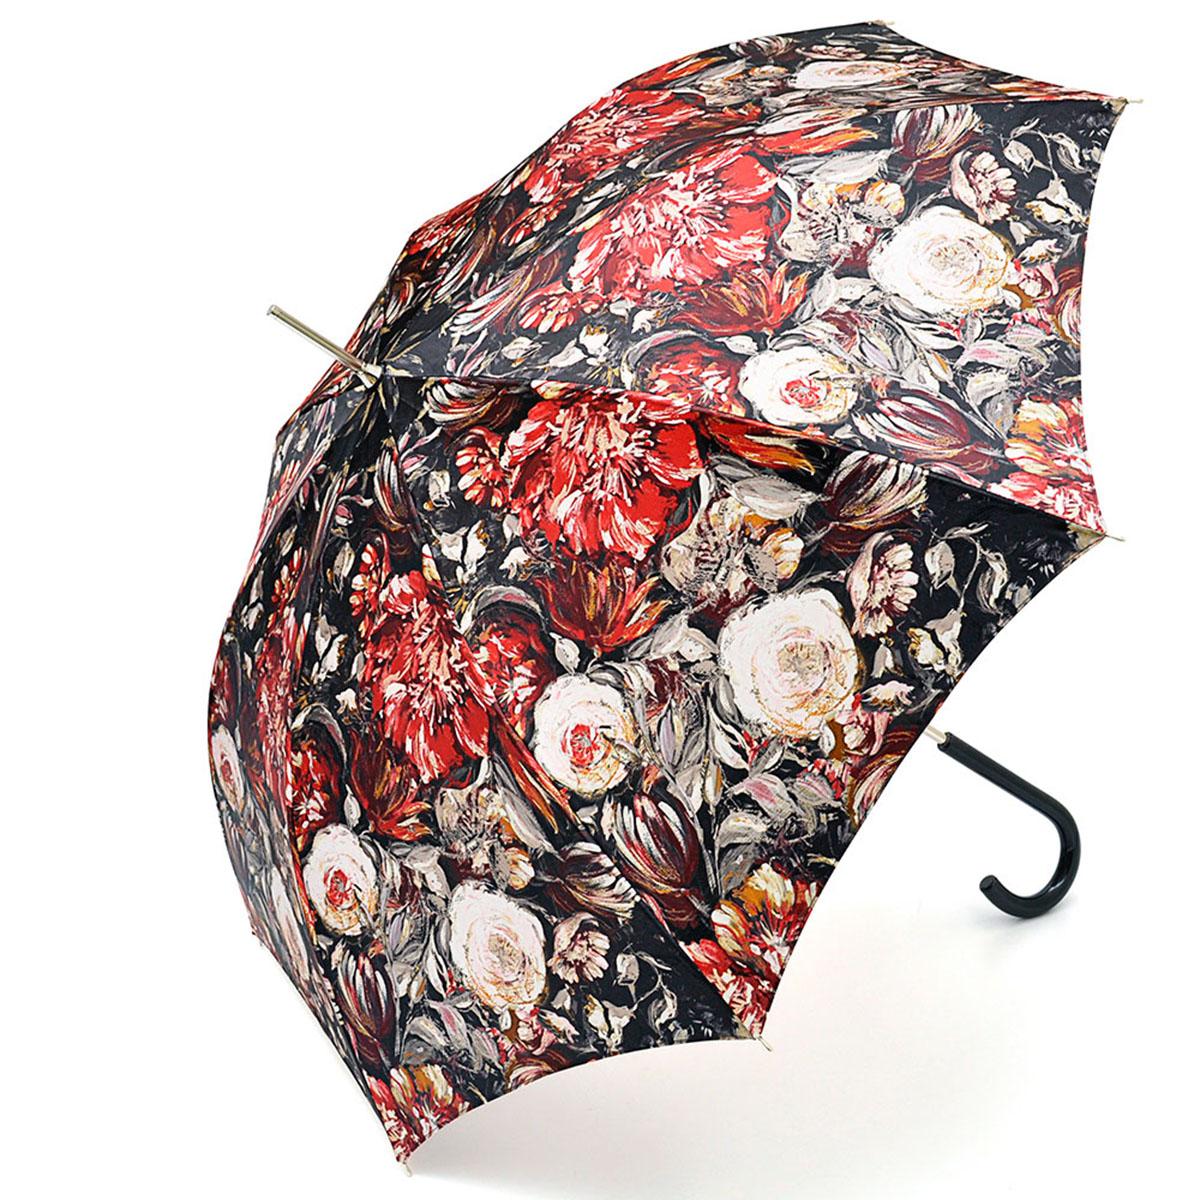 Зонт-трость женский Stilla, цвет: черный, красный, белый. 694/1 autoYY-11678-3Зонт-трость Stilla надежно защитит вас от дождя. Купол, оформленный оригинальным принтом, выполнен из высококачественного ПВХ, который не пропускает воду.Каркас зонта и спицы выполнены из высококарбонистой стали. Зонт имеет автоматический тип сложения: открывается и закрывается при нажатии на кнопку. Удобная ручка выполнена из пластика.